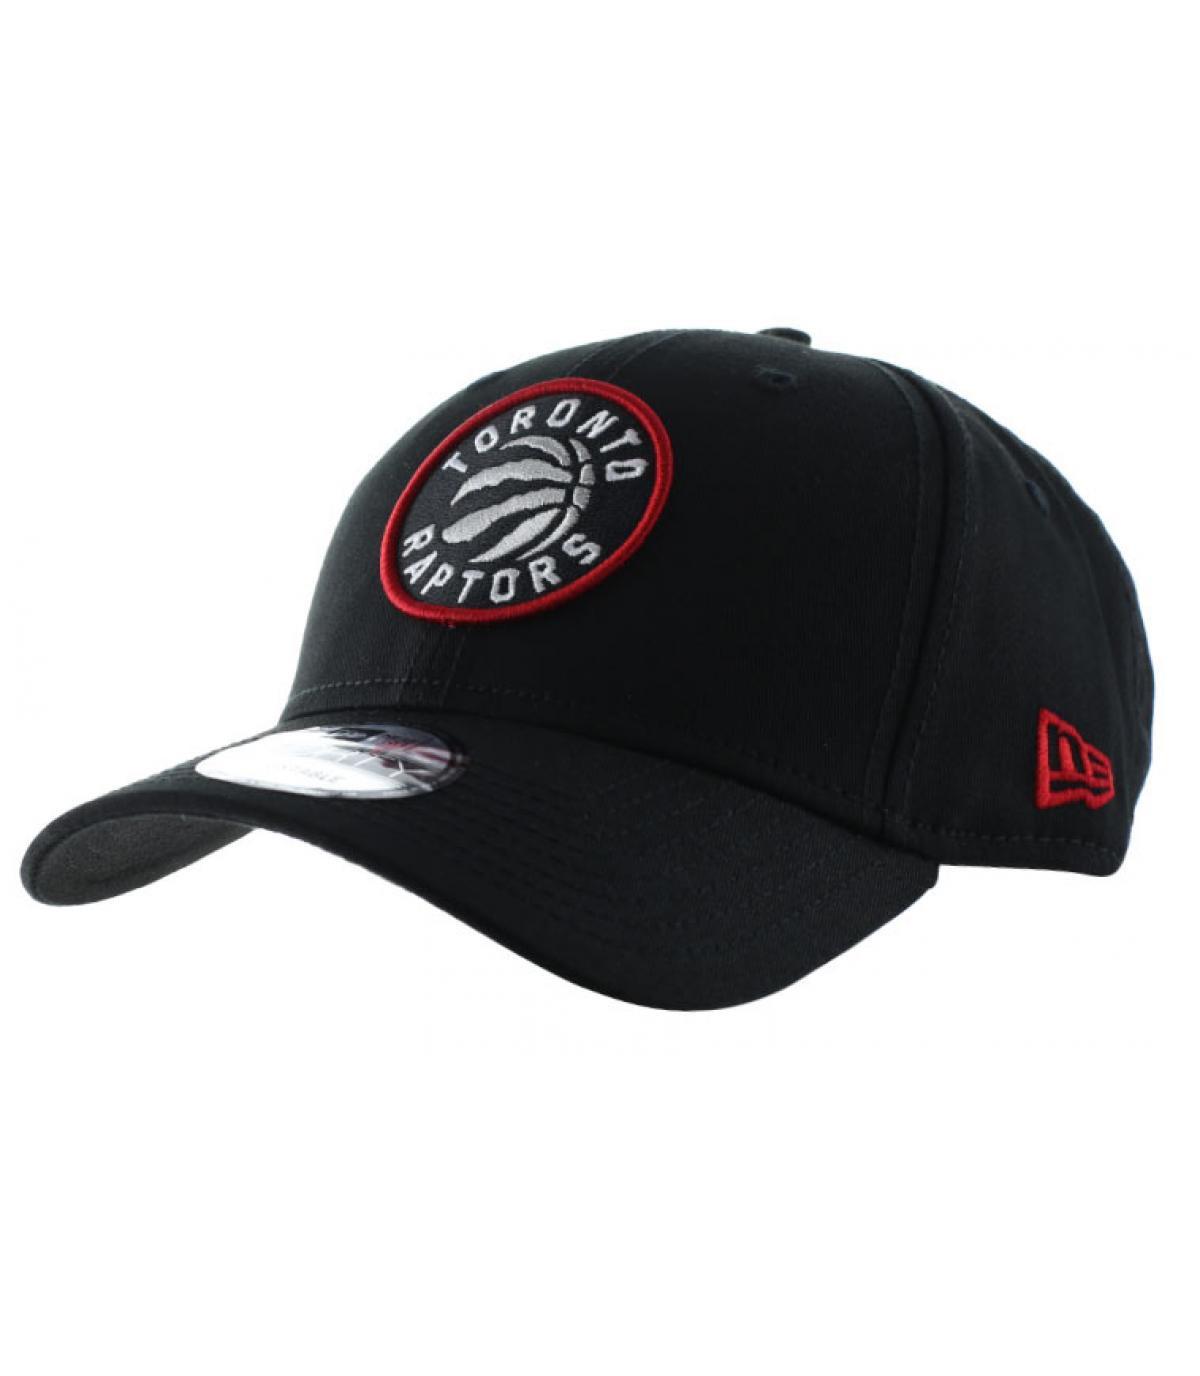 Détails Casquette NBA Team Toronto Raptors - image 2